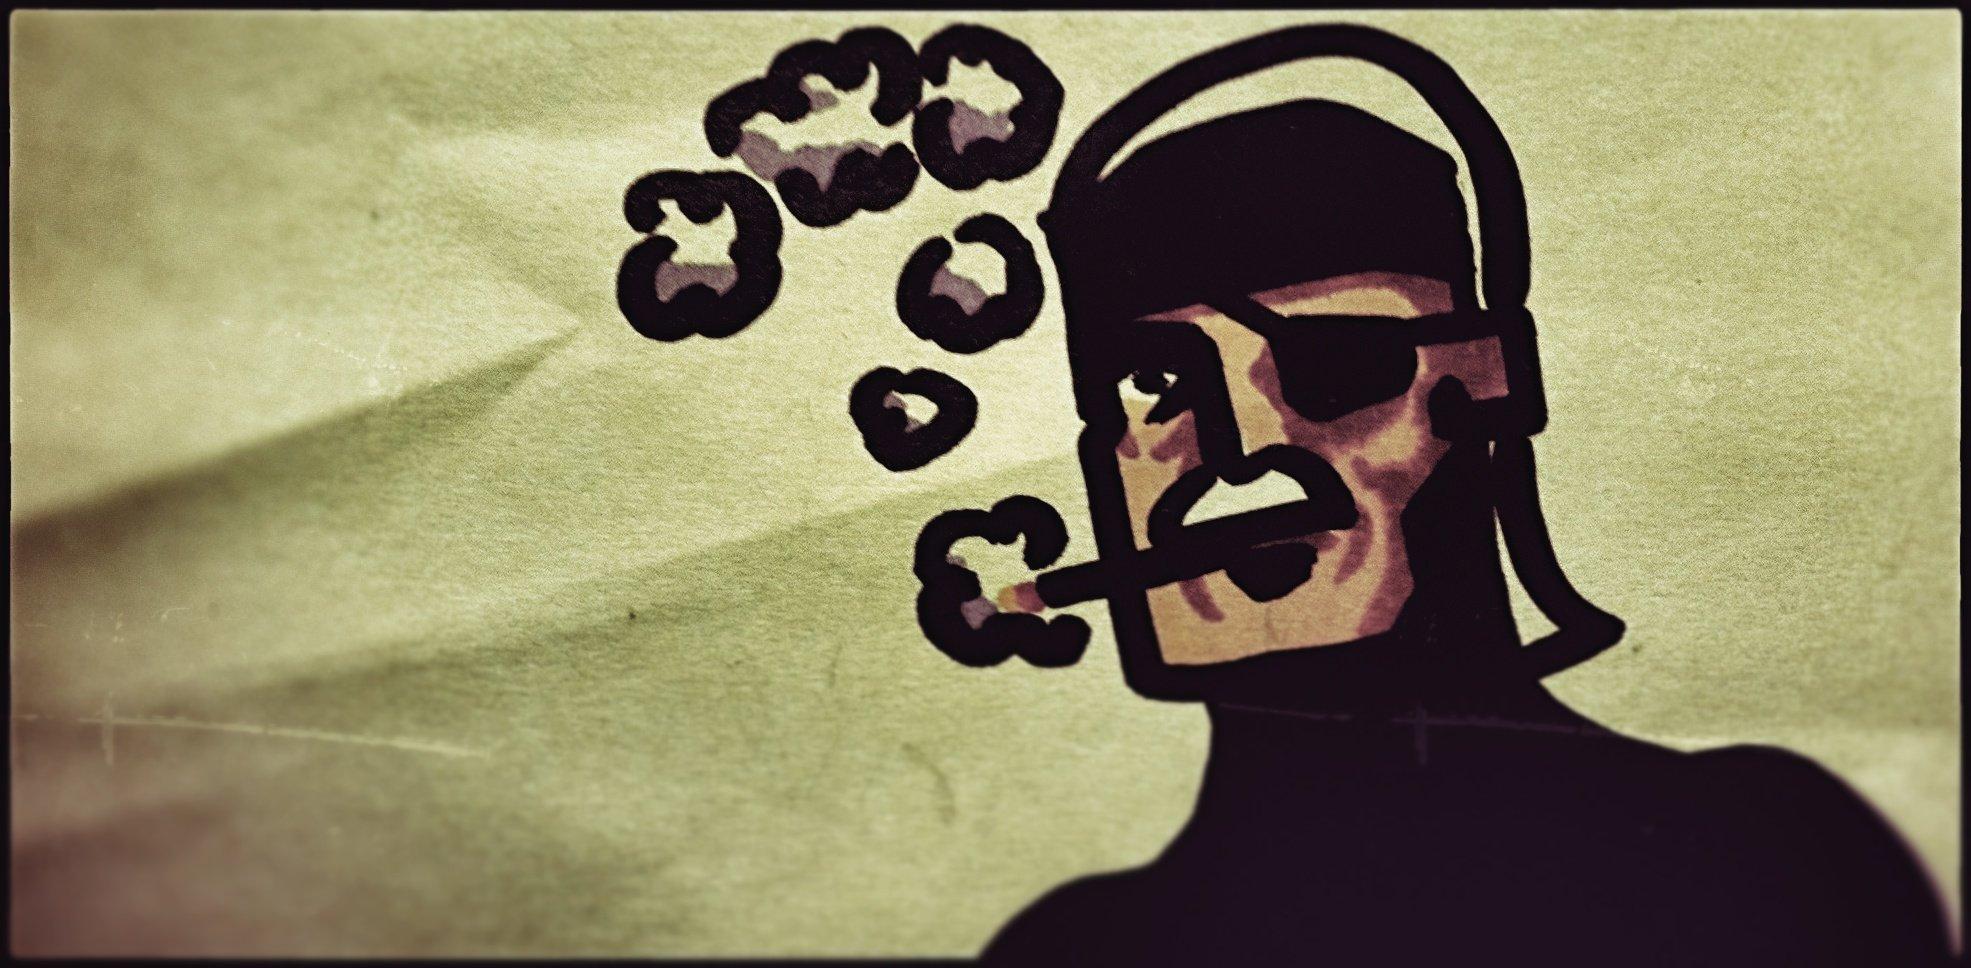 В Дании есть Король, хот-доги, Ларс Фон Триер, китайские рабочие и район легализованной марихуаны. Там можно купить  ... - Изображение 2